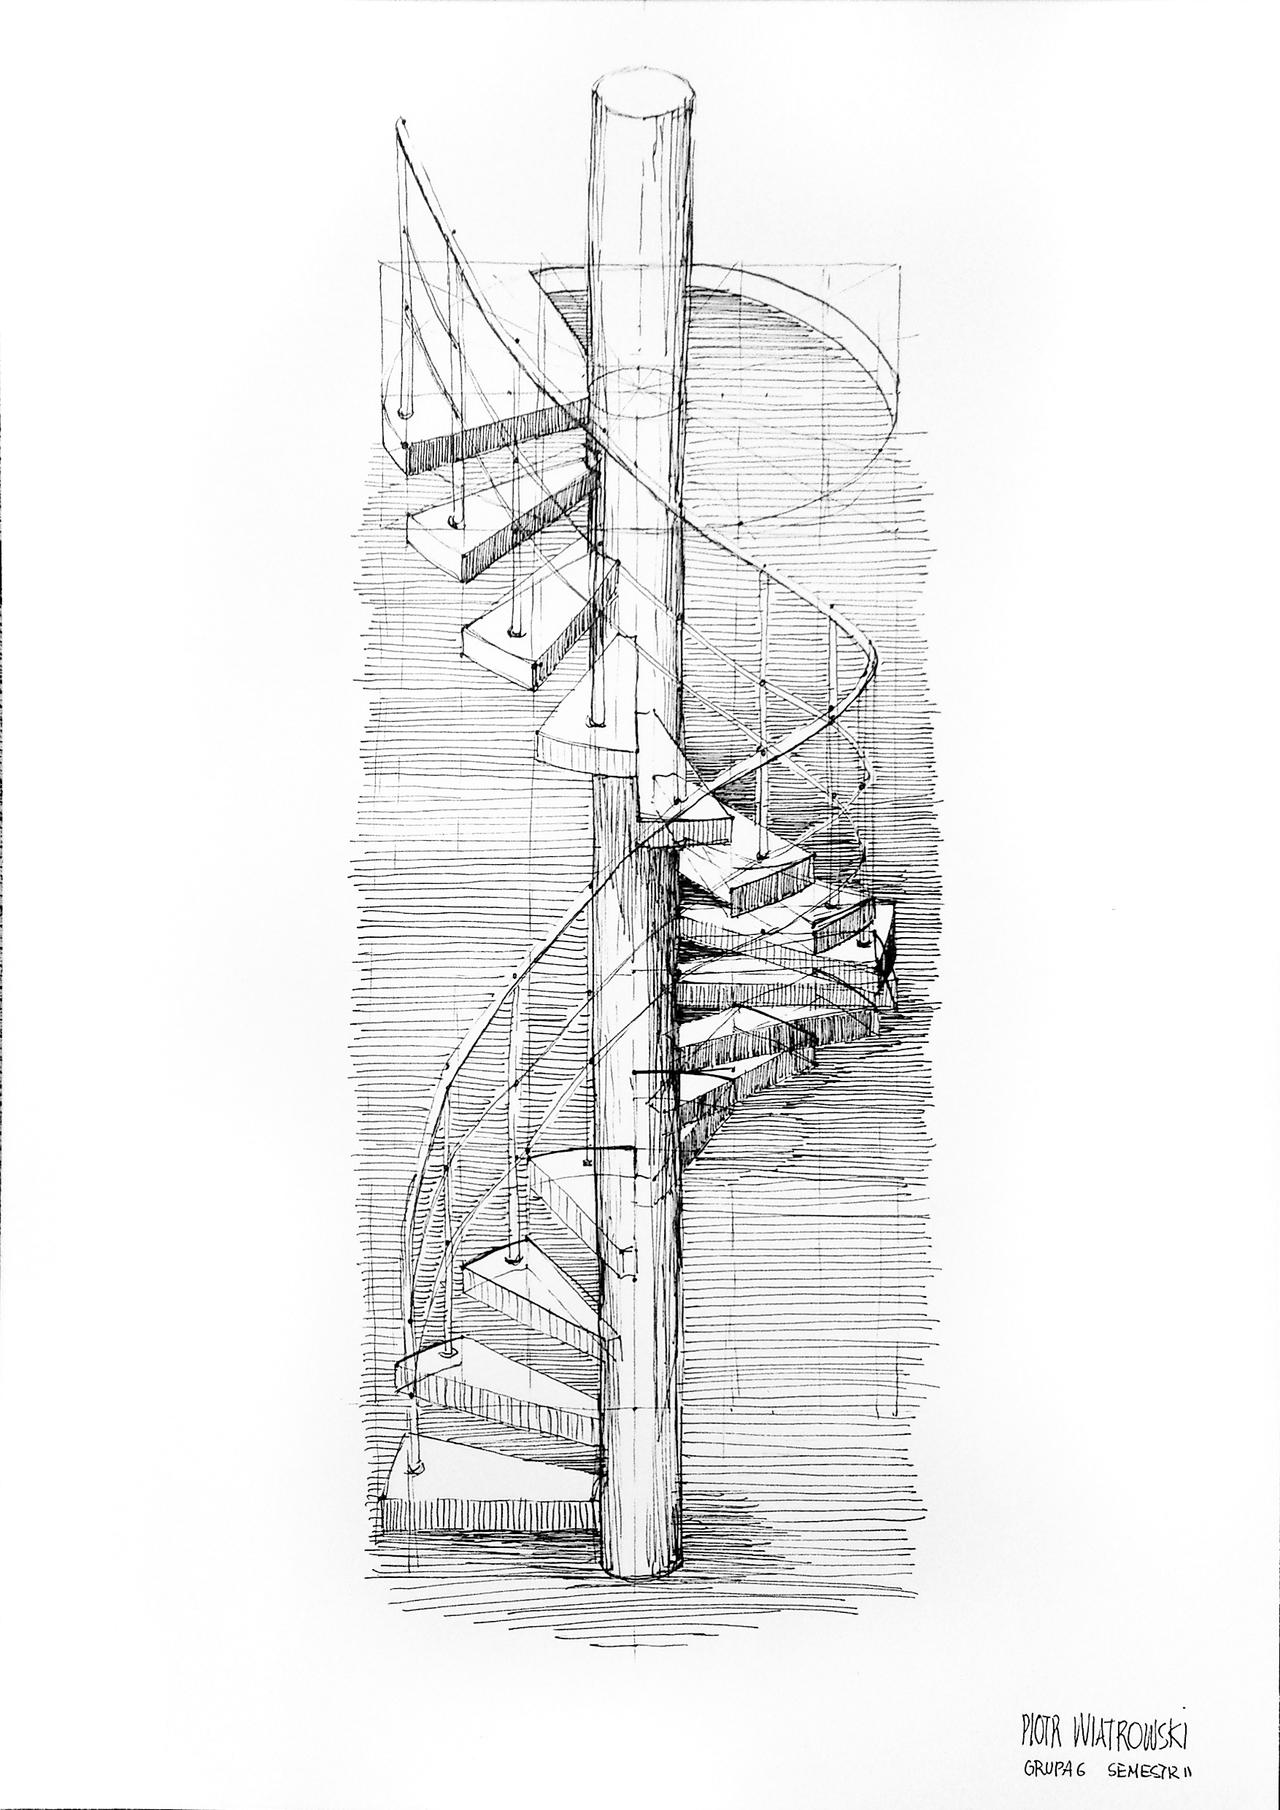 Spiral Staircase By Wiatrp1 On Deviantart